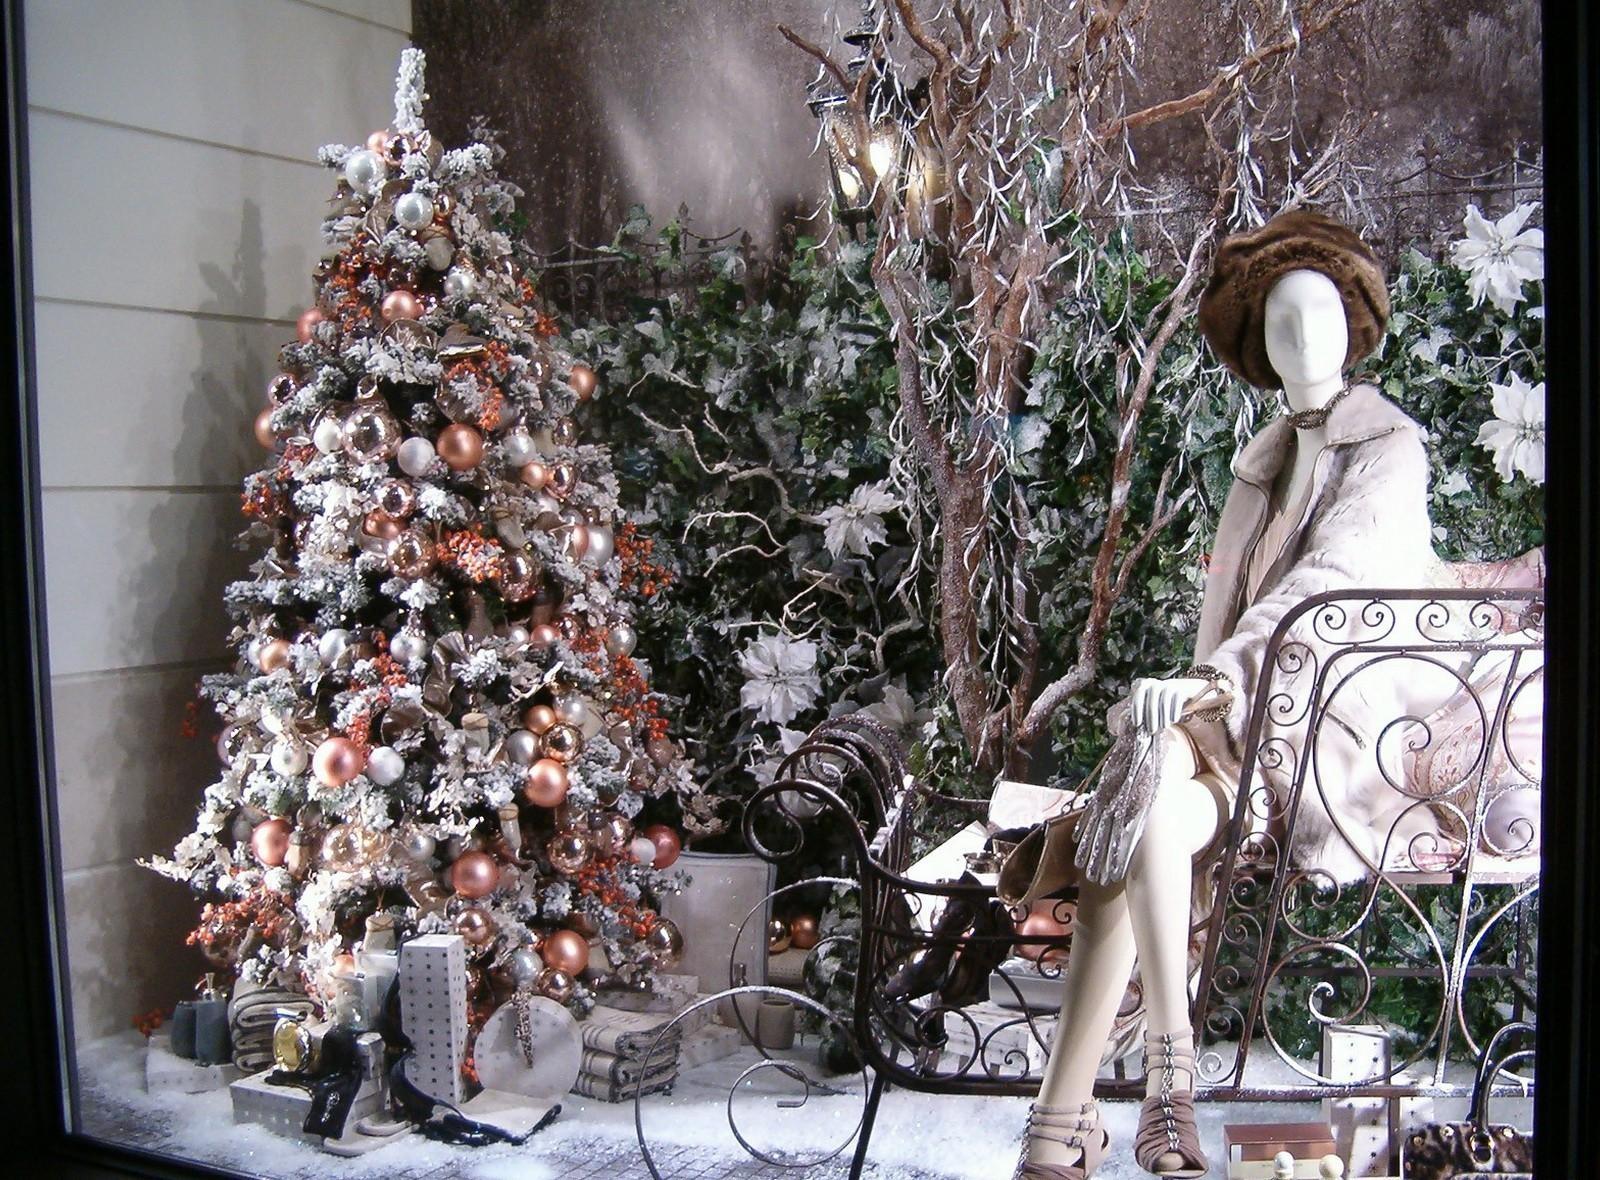 Fond D écran Vacances De Noël: Fond D'écran : Arbre De Noël, Vacances, Nouvel An, Arbre